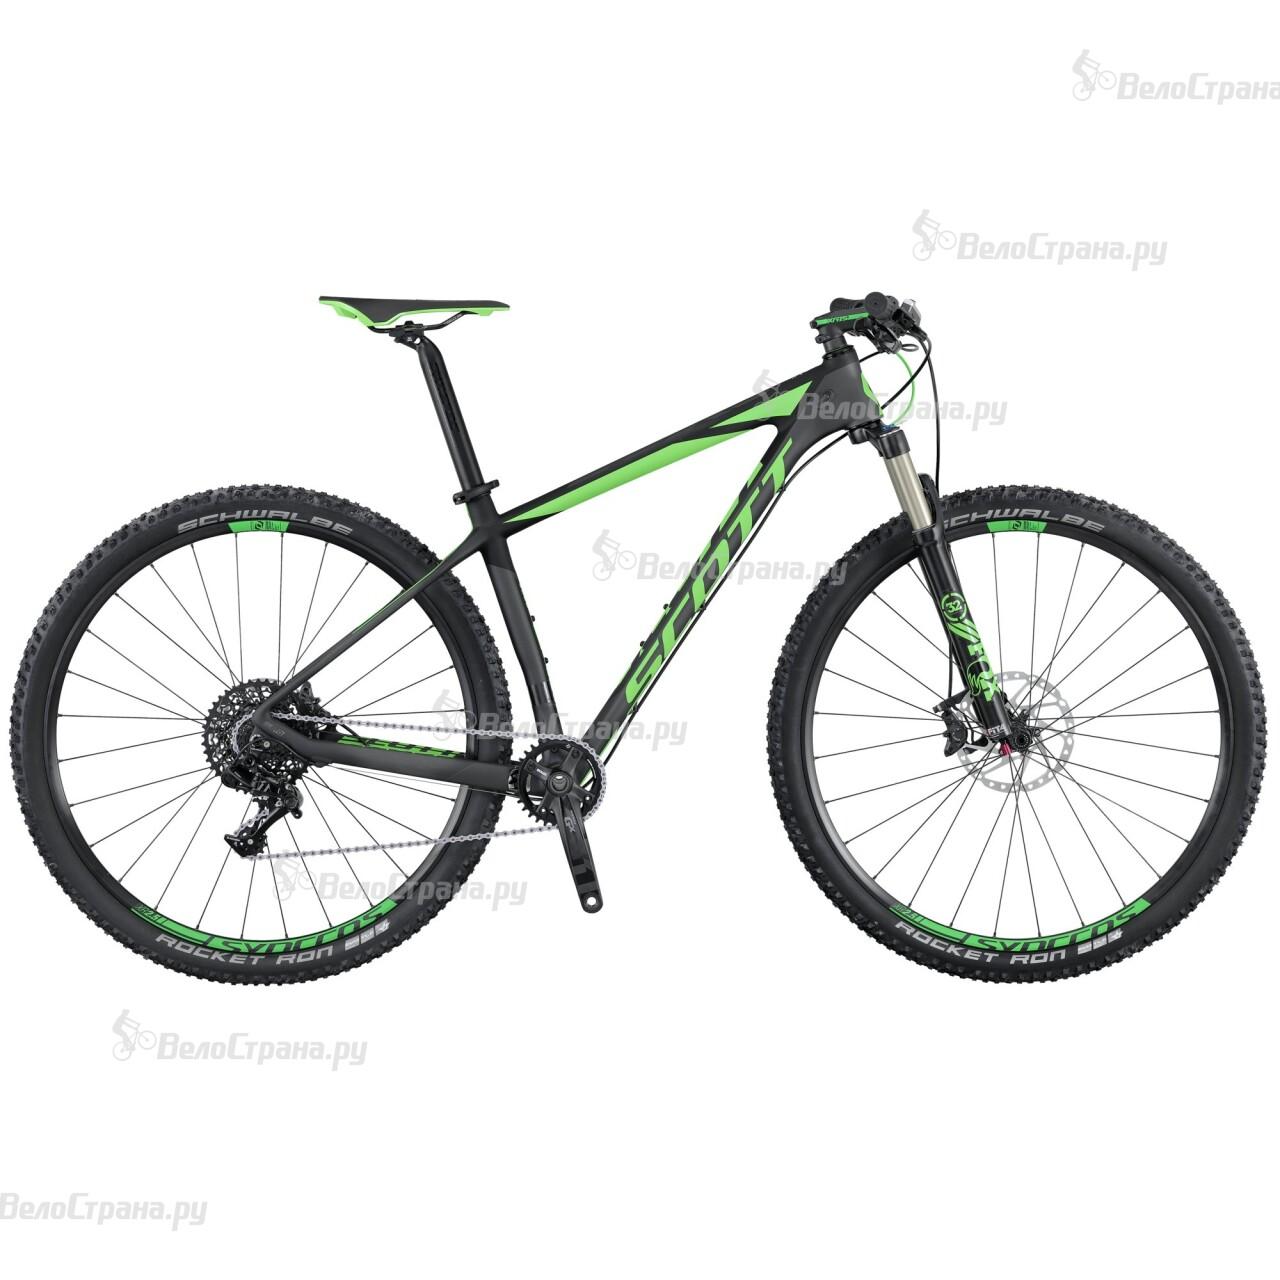 Велосипед Scott Scale 920 (2016) душевой поддон cezares tray a ah 120 100 15 w